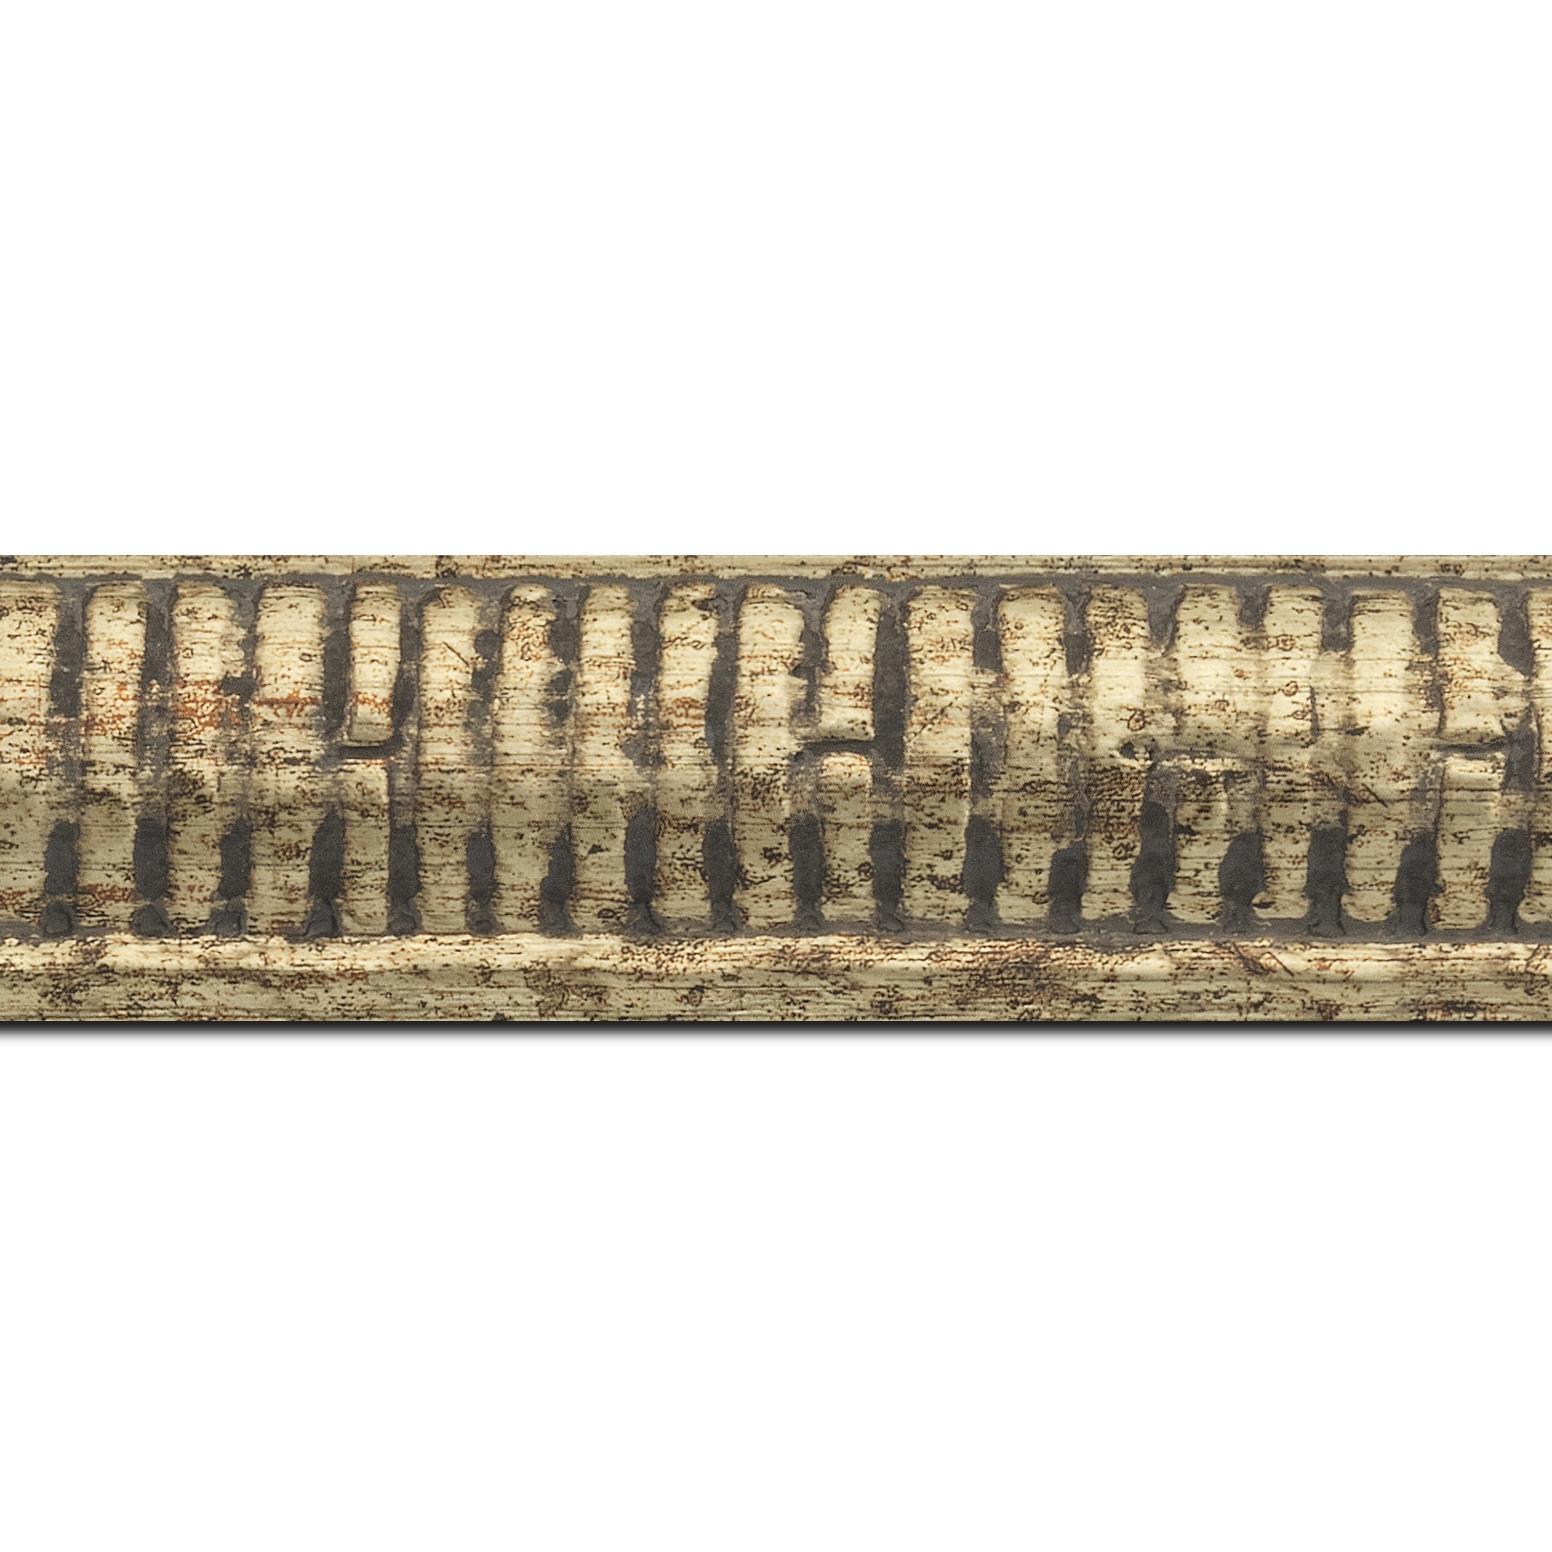 Baguette longueur 1.40m bois profil arrondi largeur 4.8cm couleur or noirci décor bambou